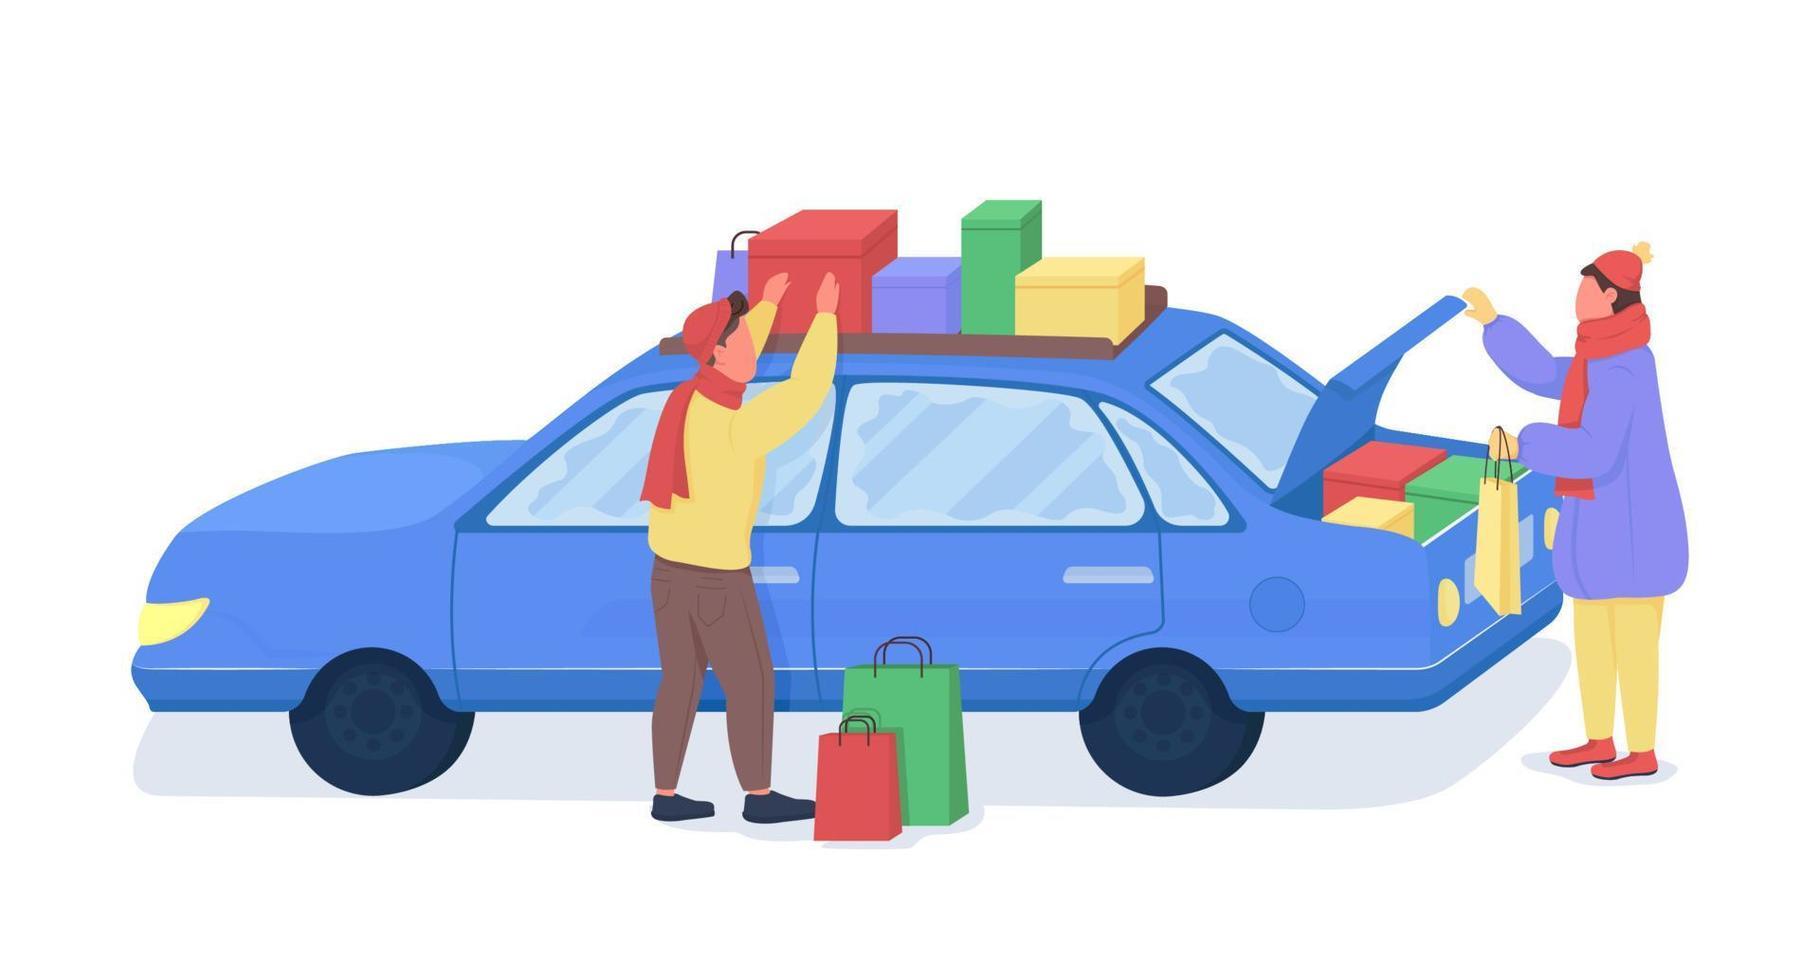 homens vagando malas no carro personagens de vetor de cor semi-plana